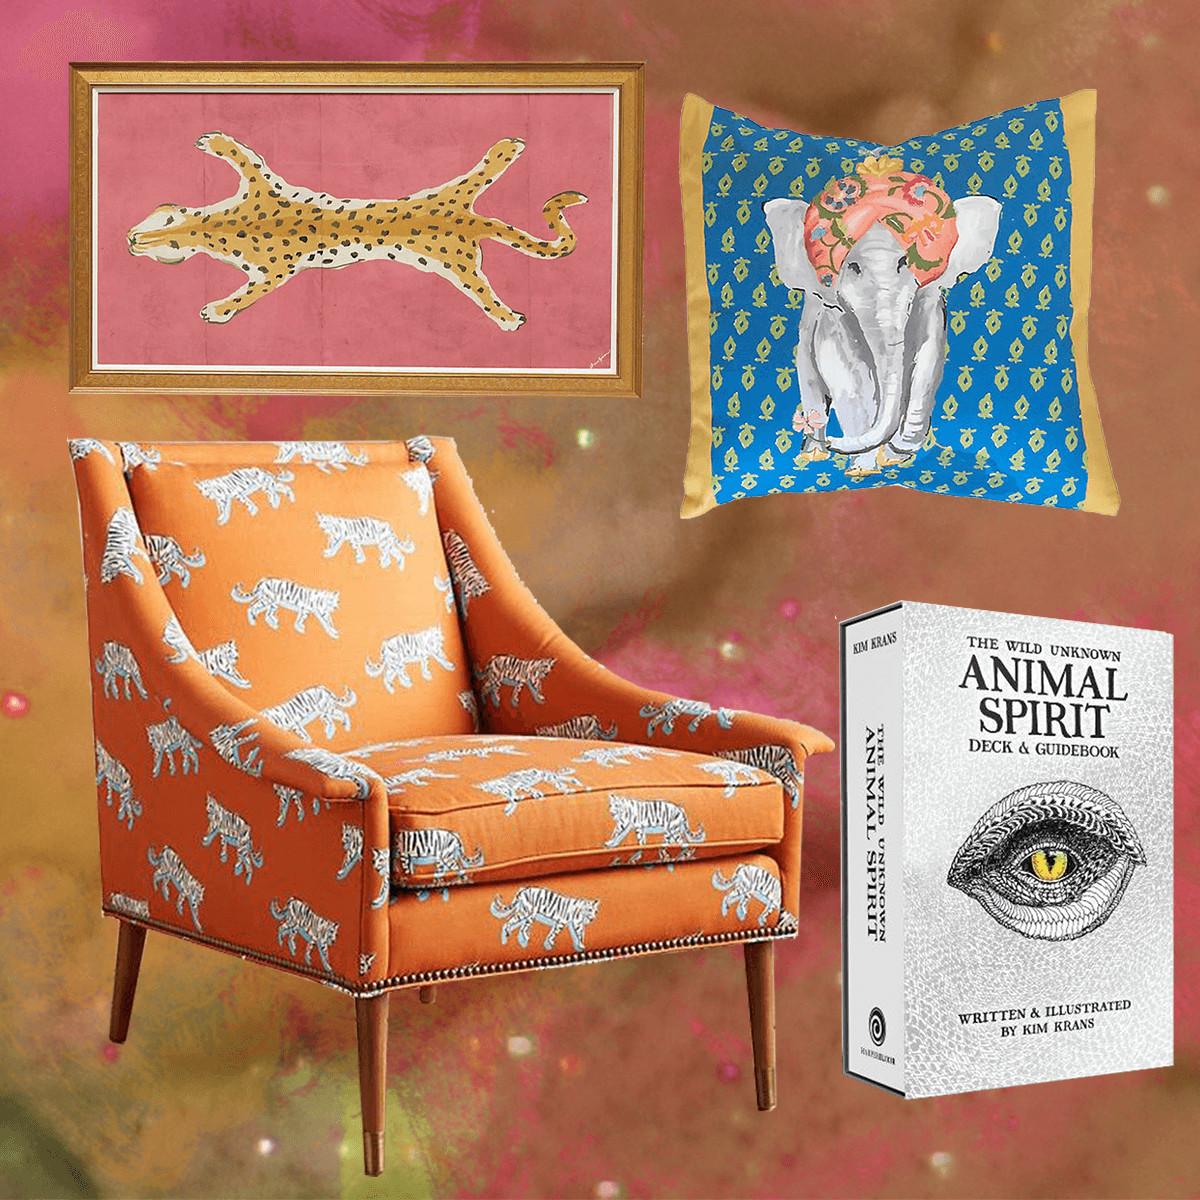 Square spirit animals